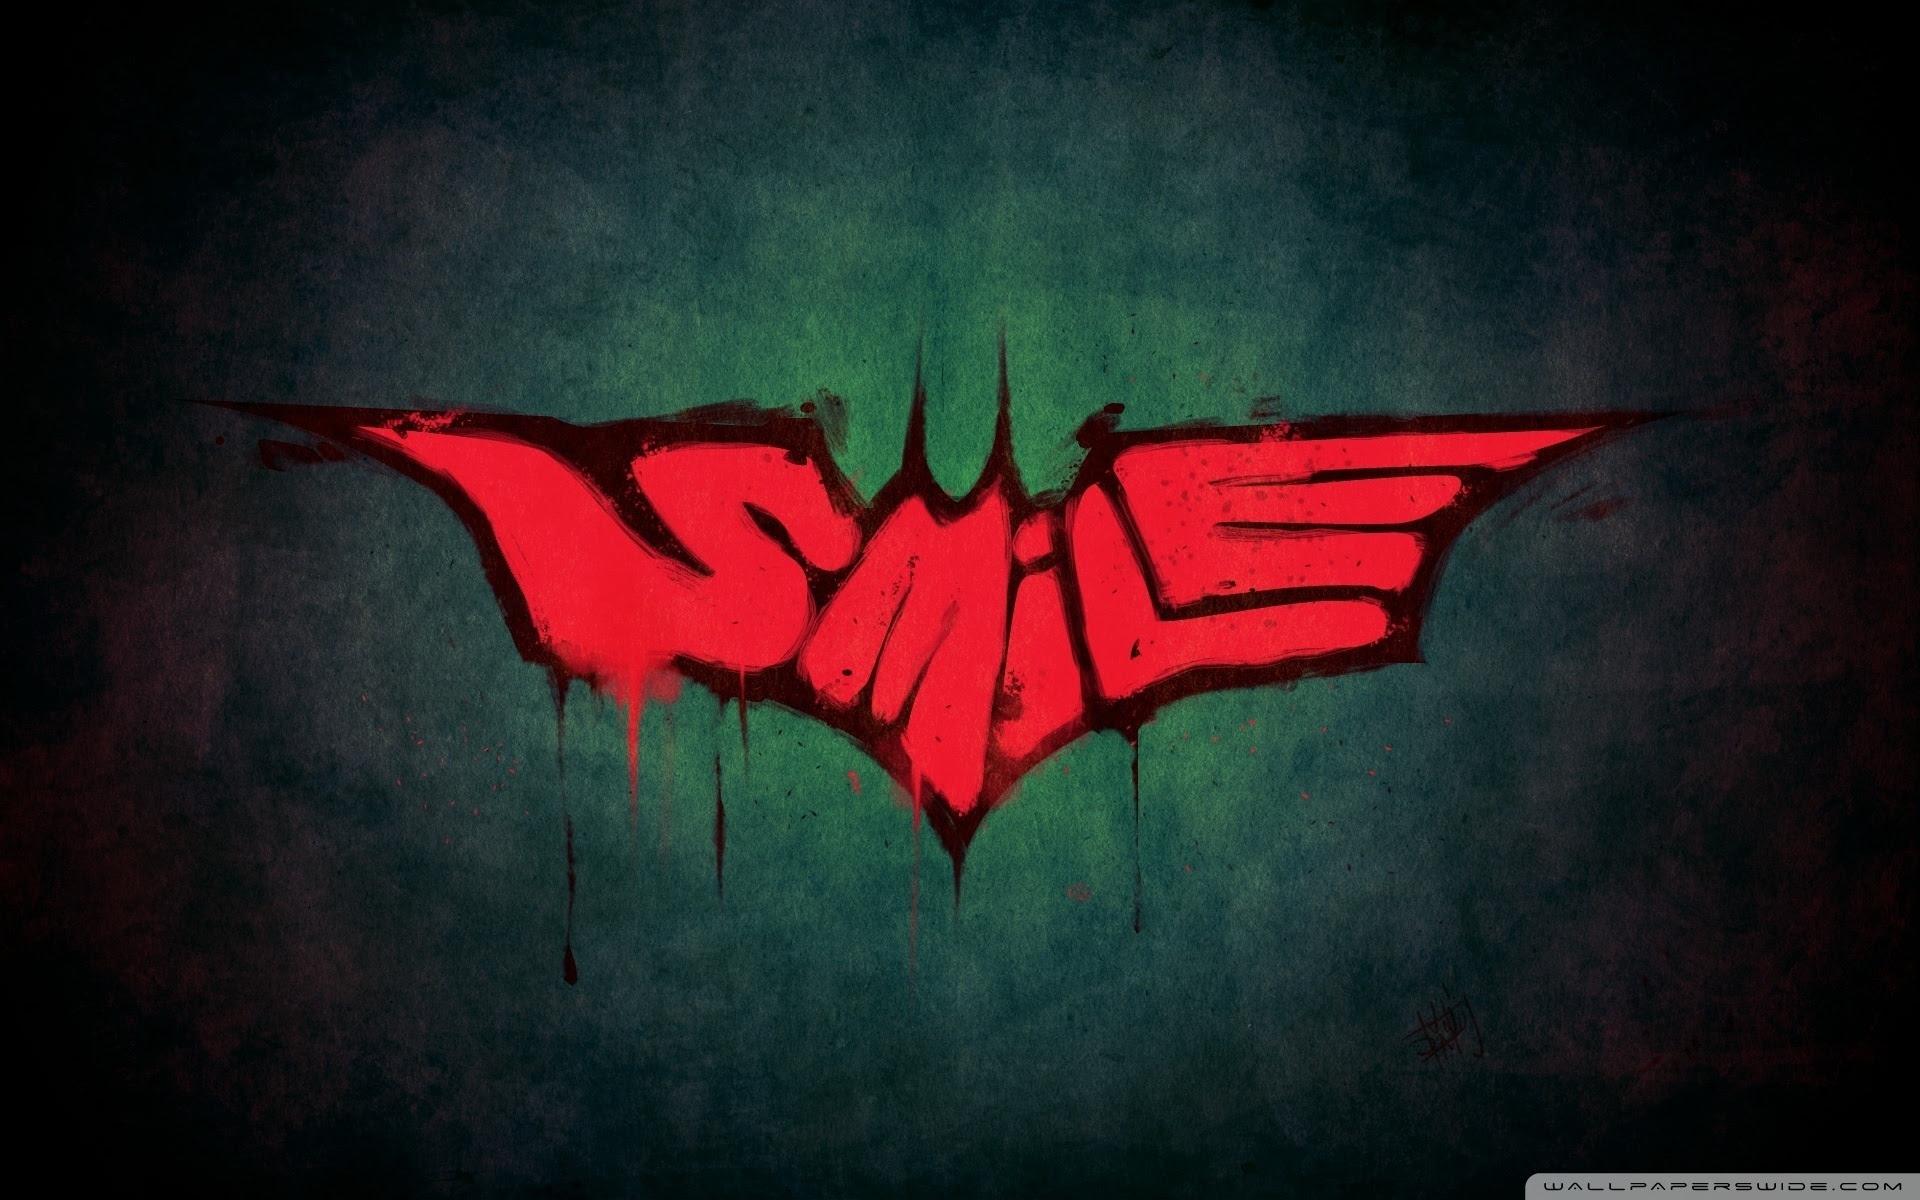 Download 58 Wallpaper Hd Batman Gratis Terbaik